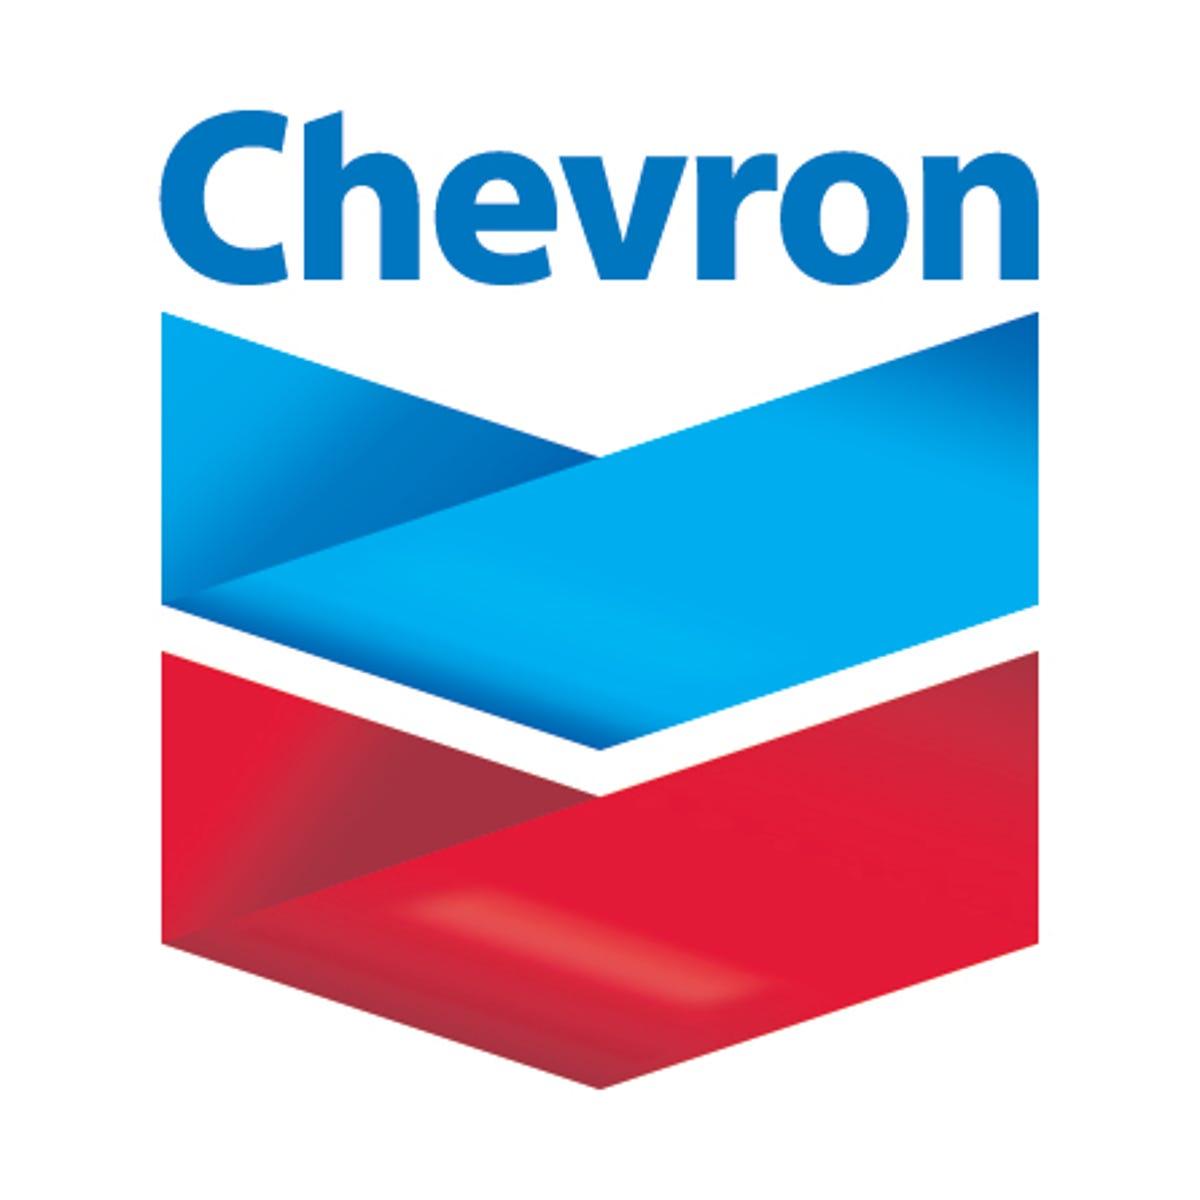 Chevron-Anadarko merger stalled after insider trading